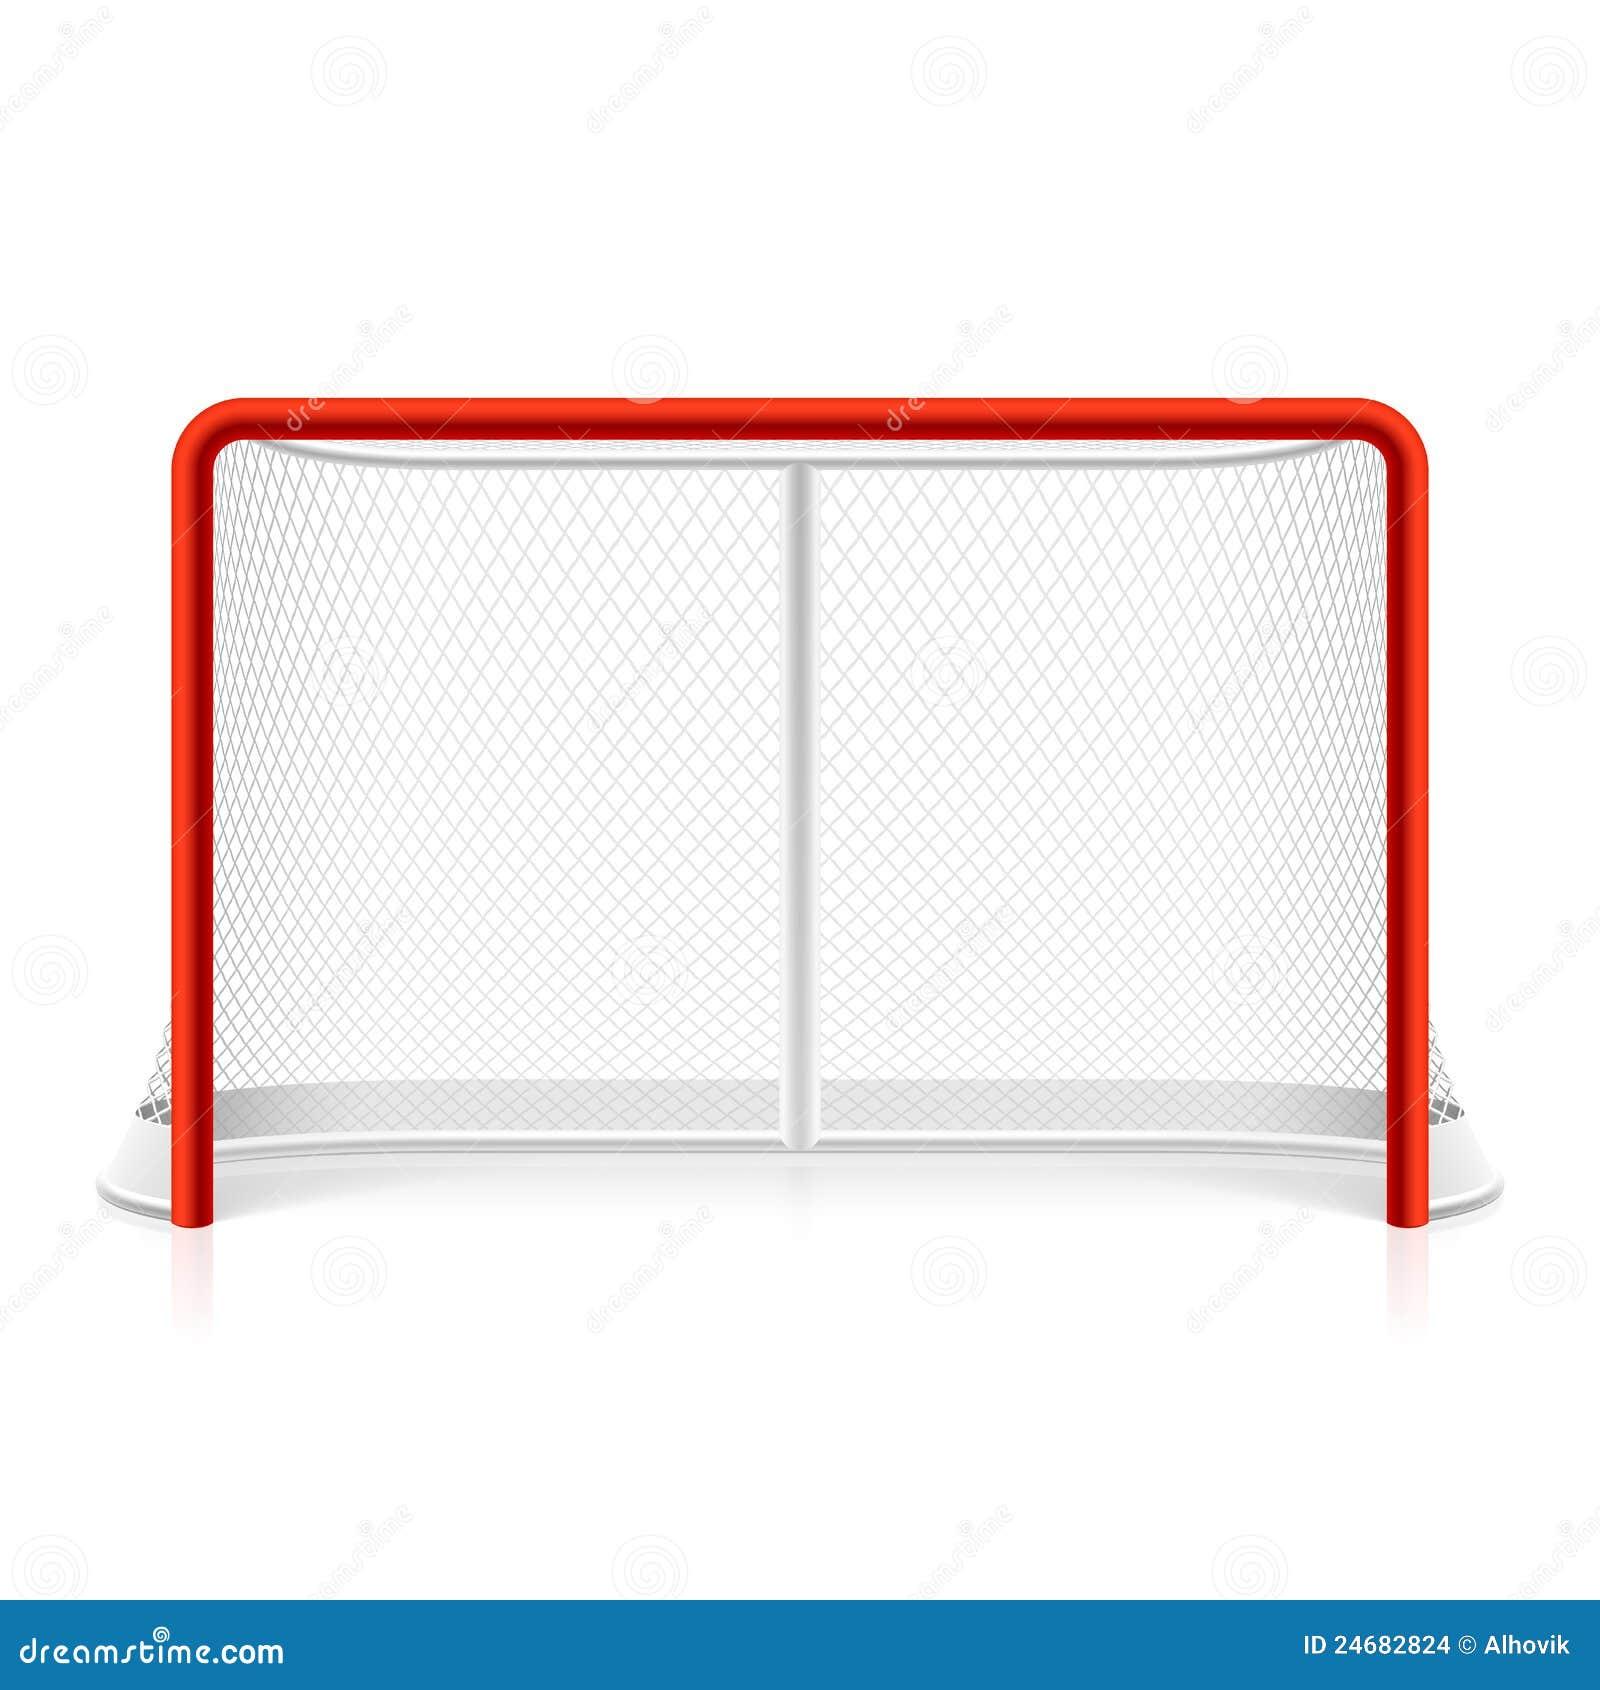 Ice Hockey Net Stock Images - Image: 24682824